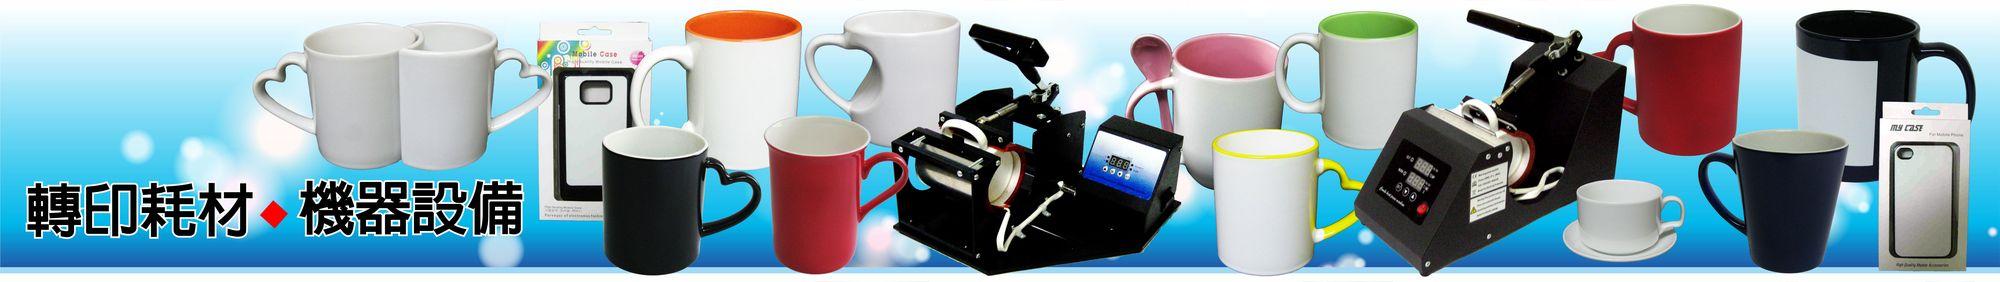 W轉印耗材機器設備